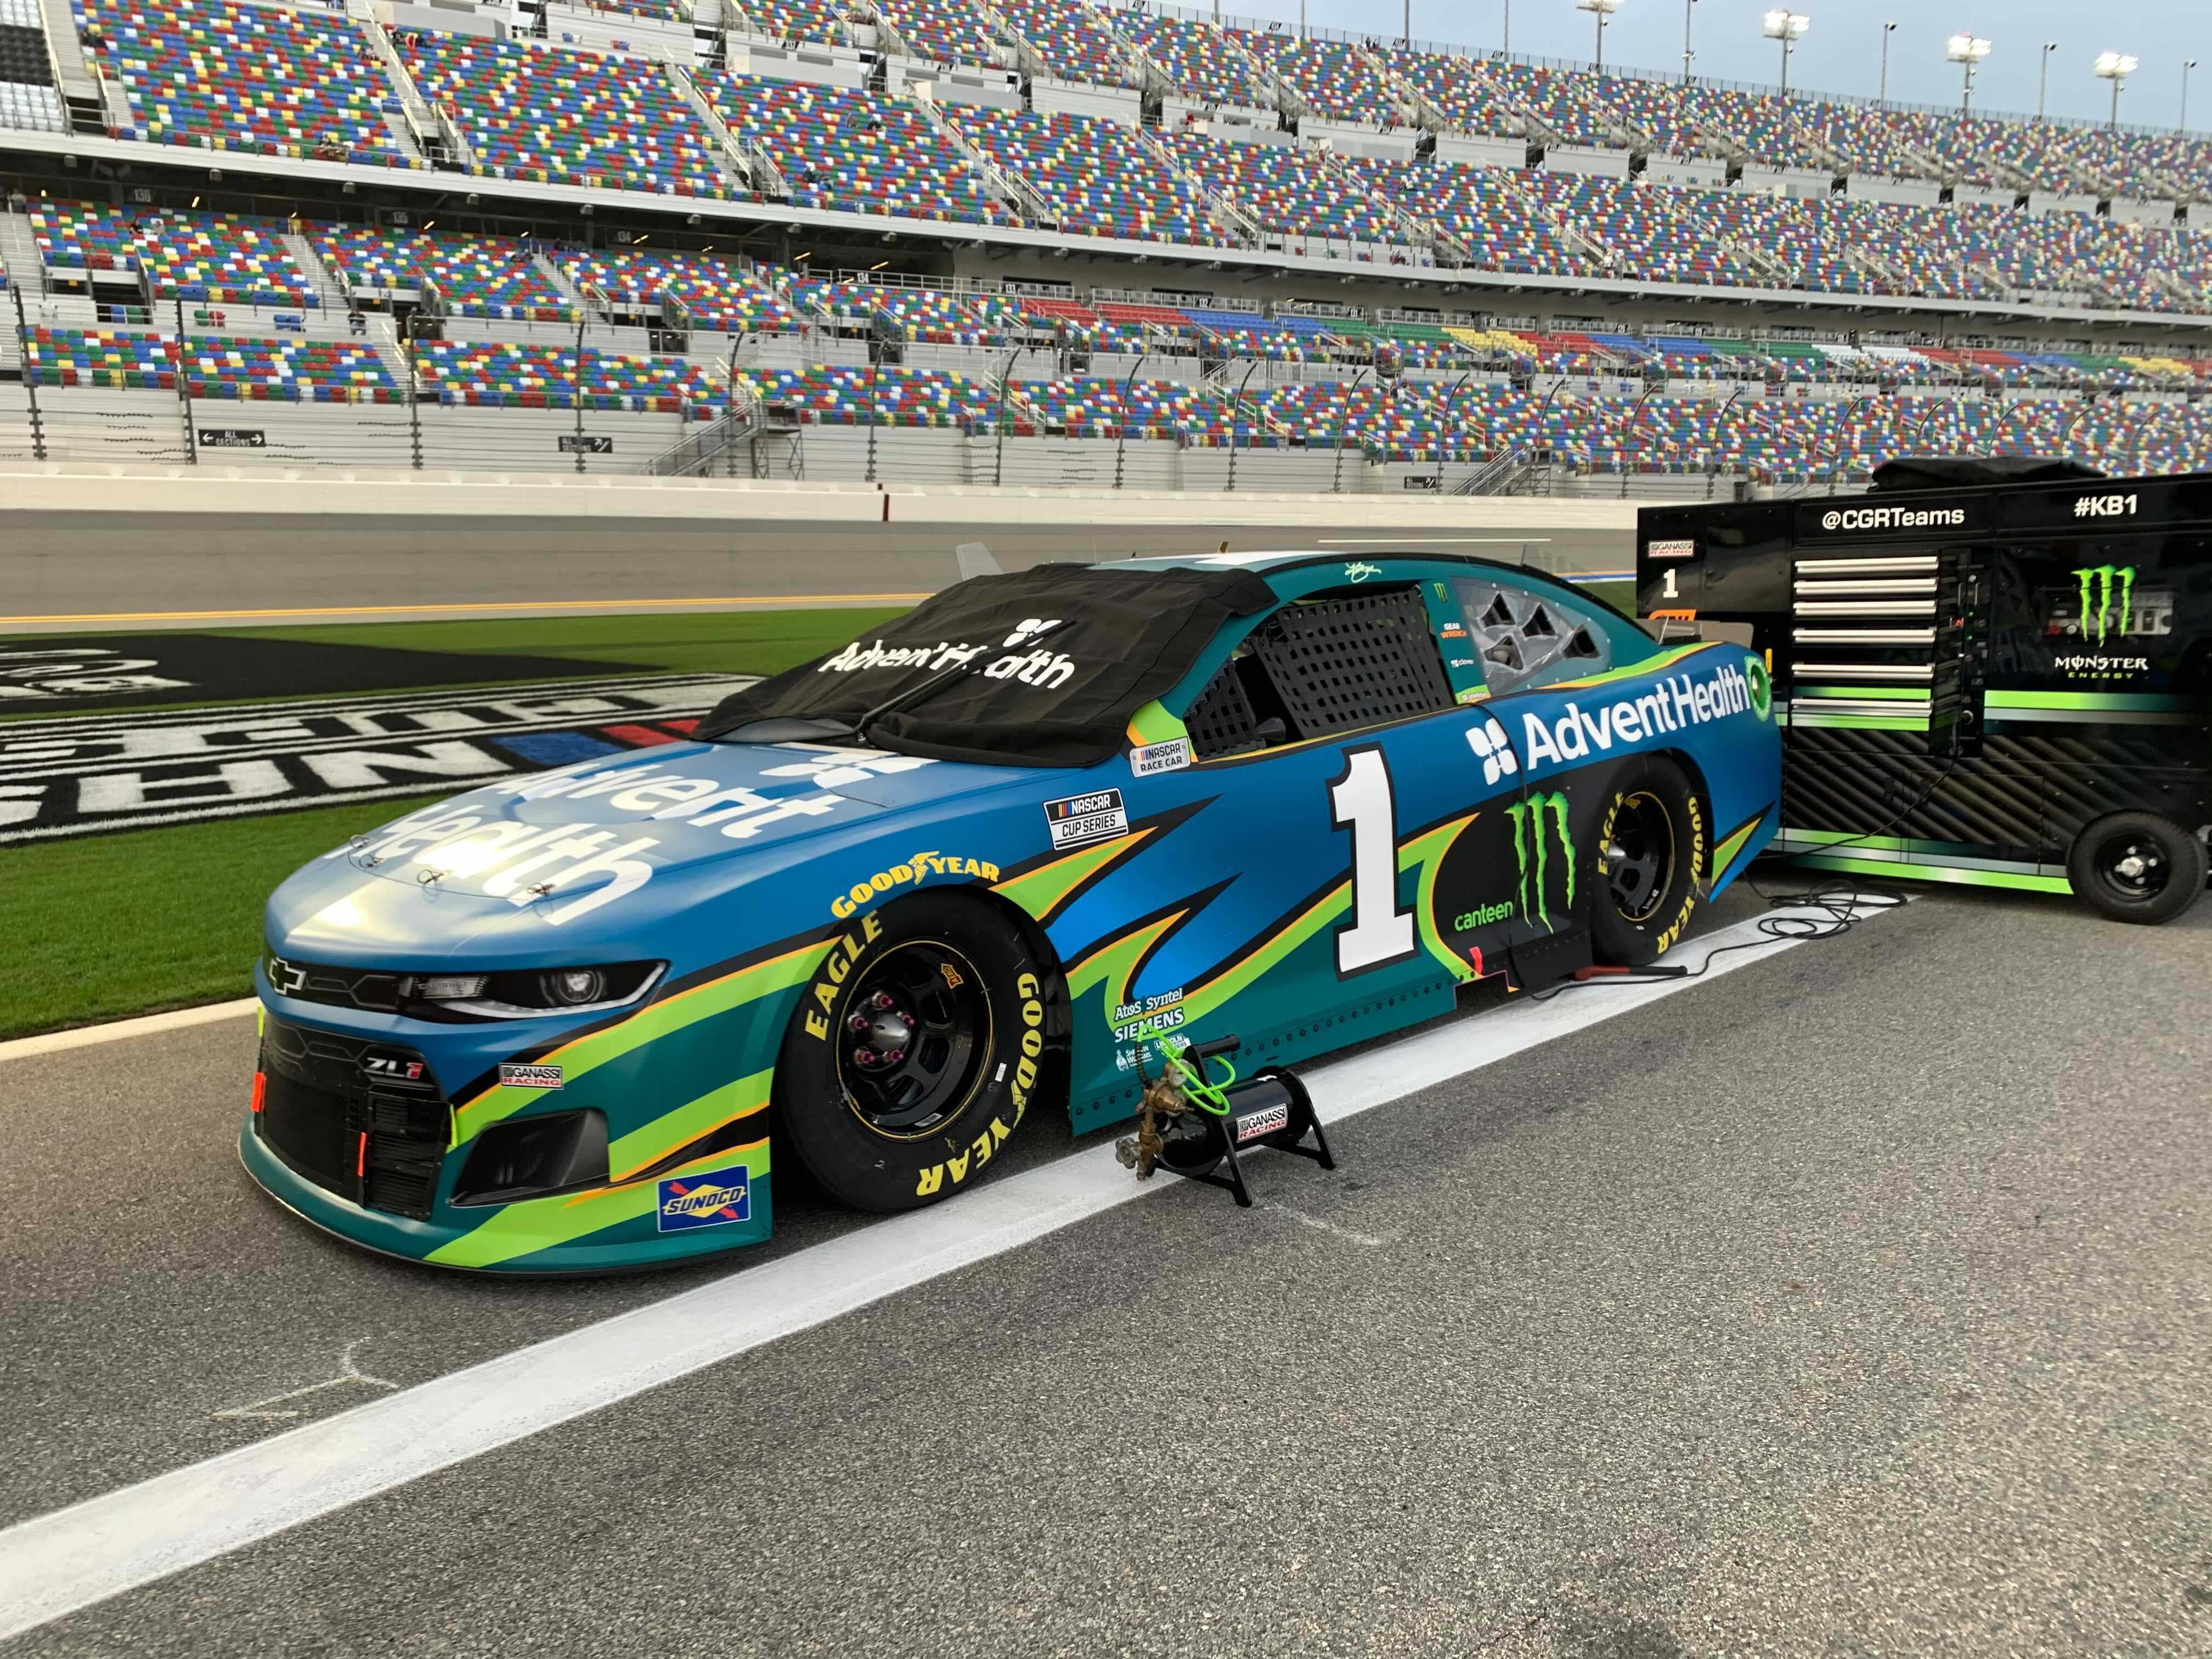 Kurt Busch - Daytona International Speedway - NASCAR Cup Series